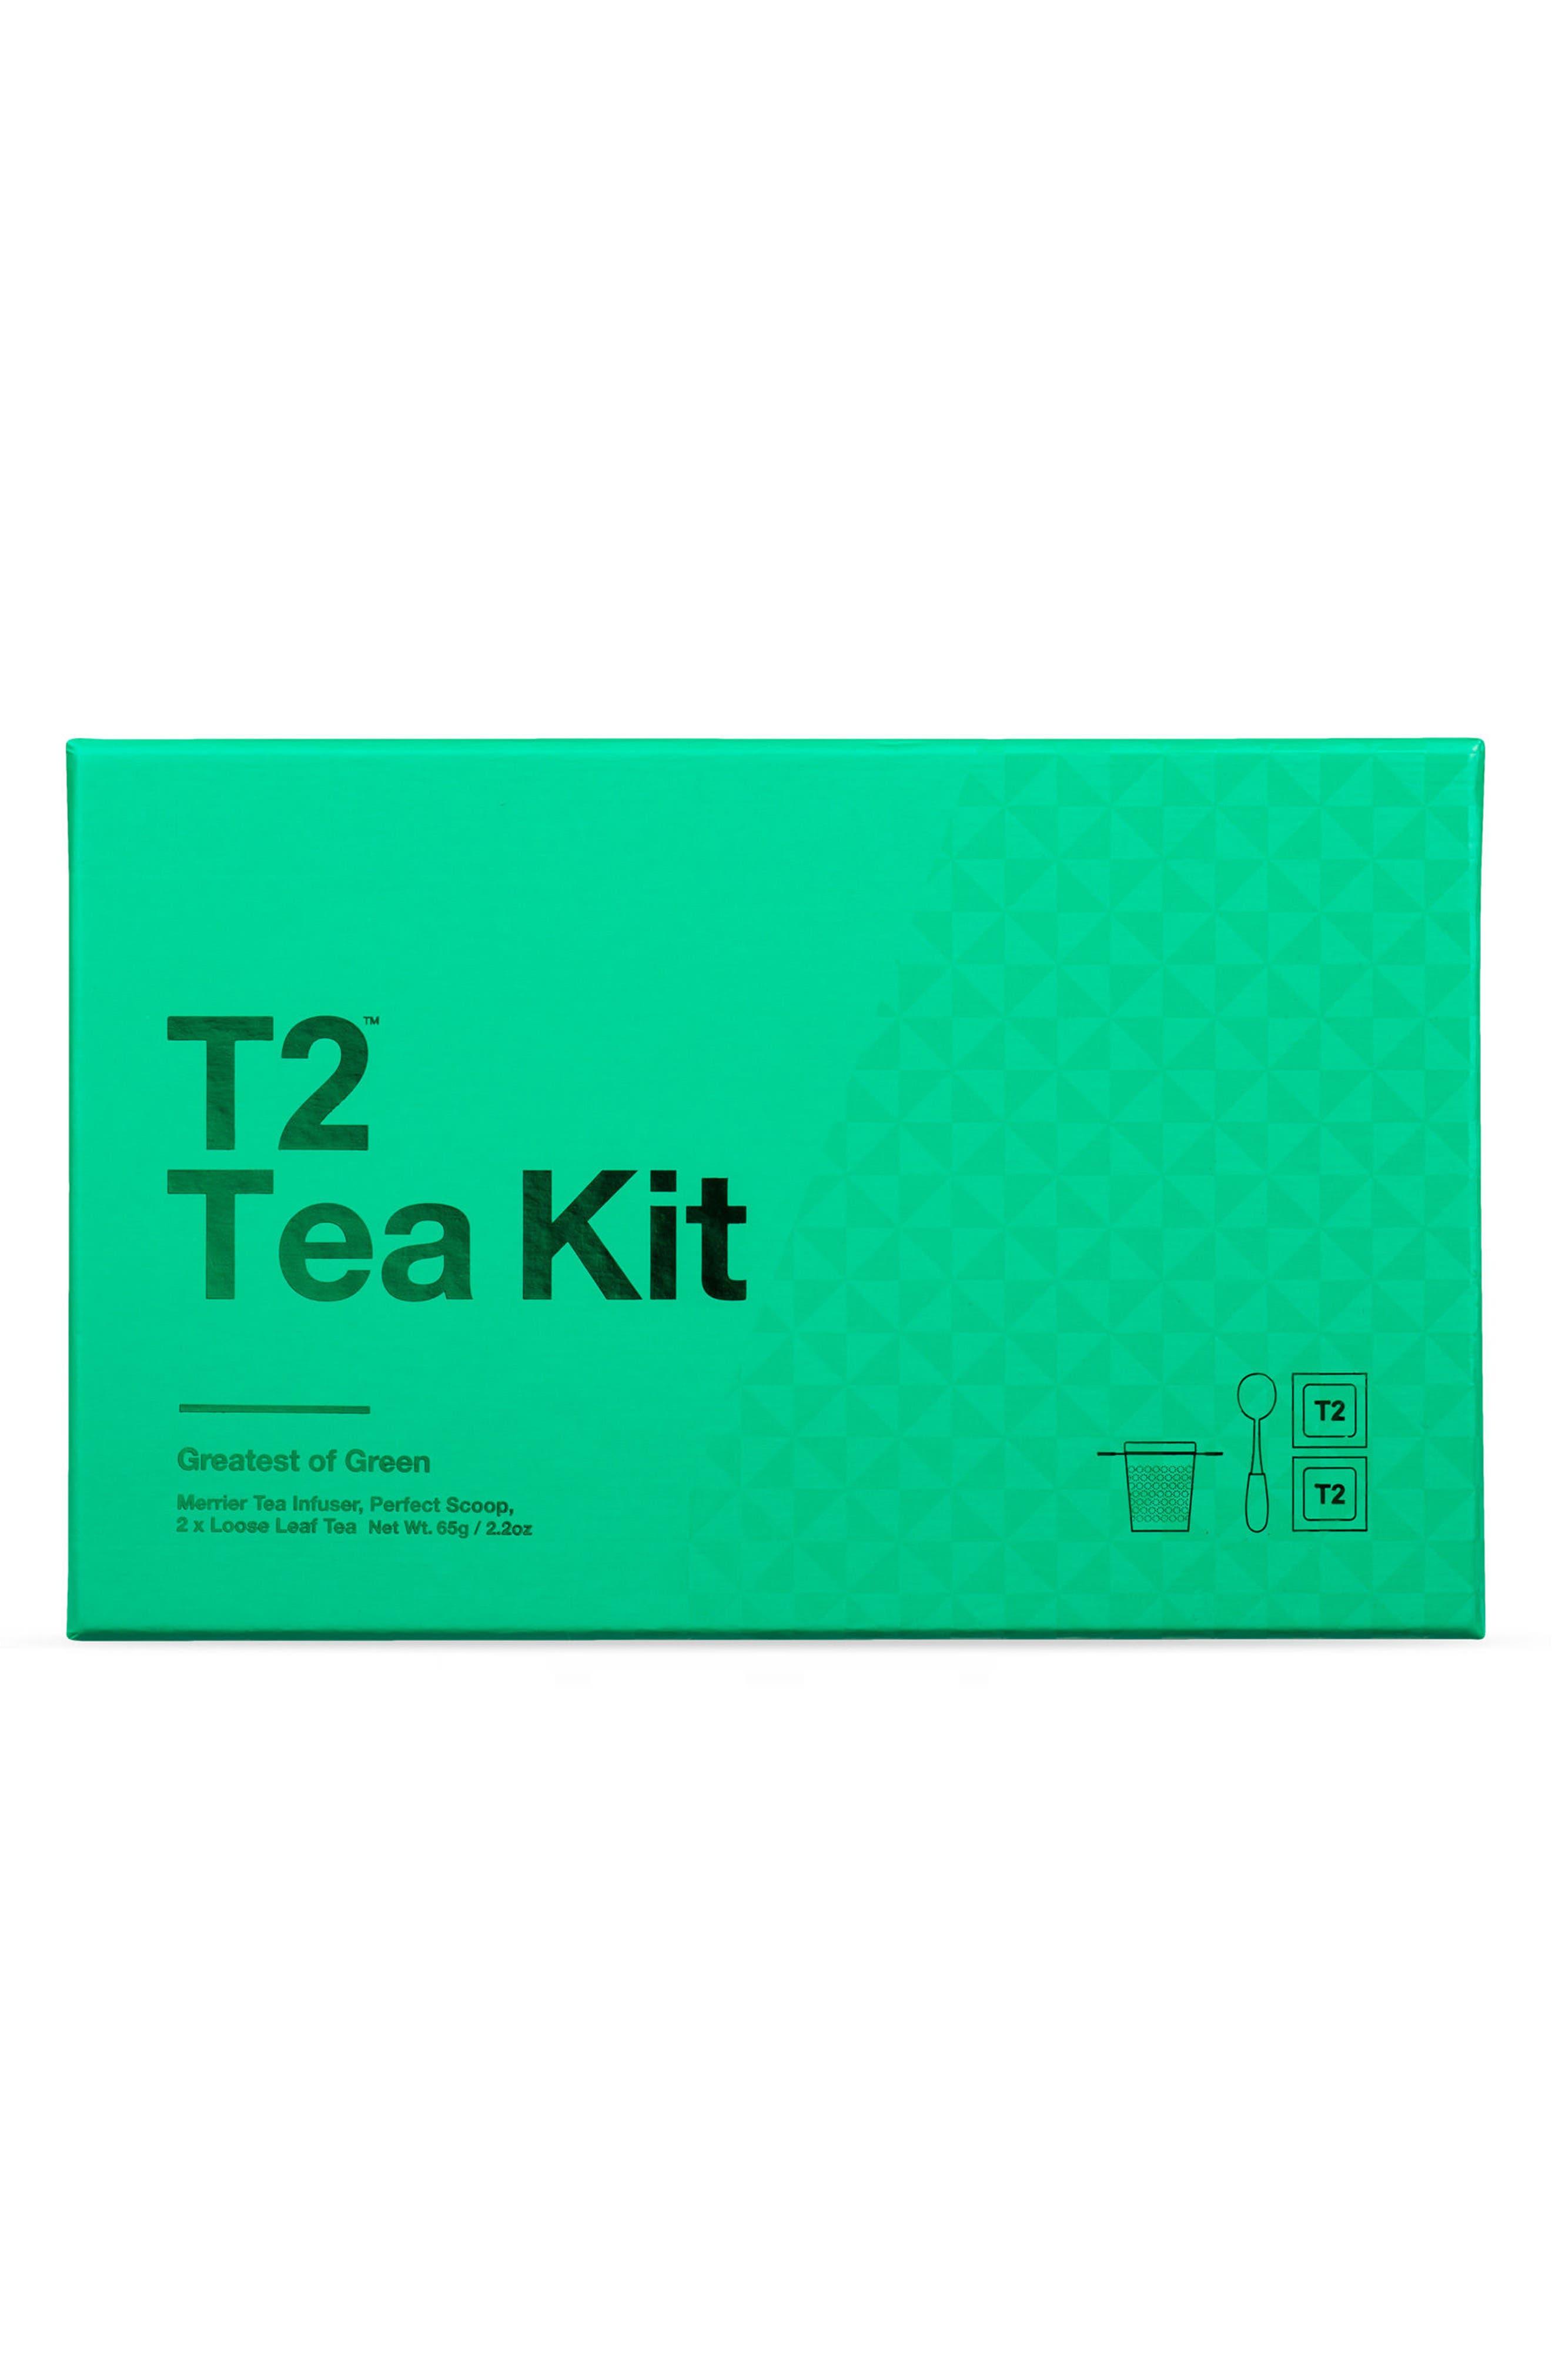 Greatest of Green Loose Leaf Tea Box Set,                         Main,                         color, Multi